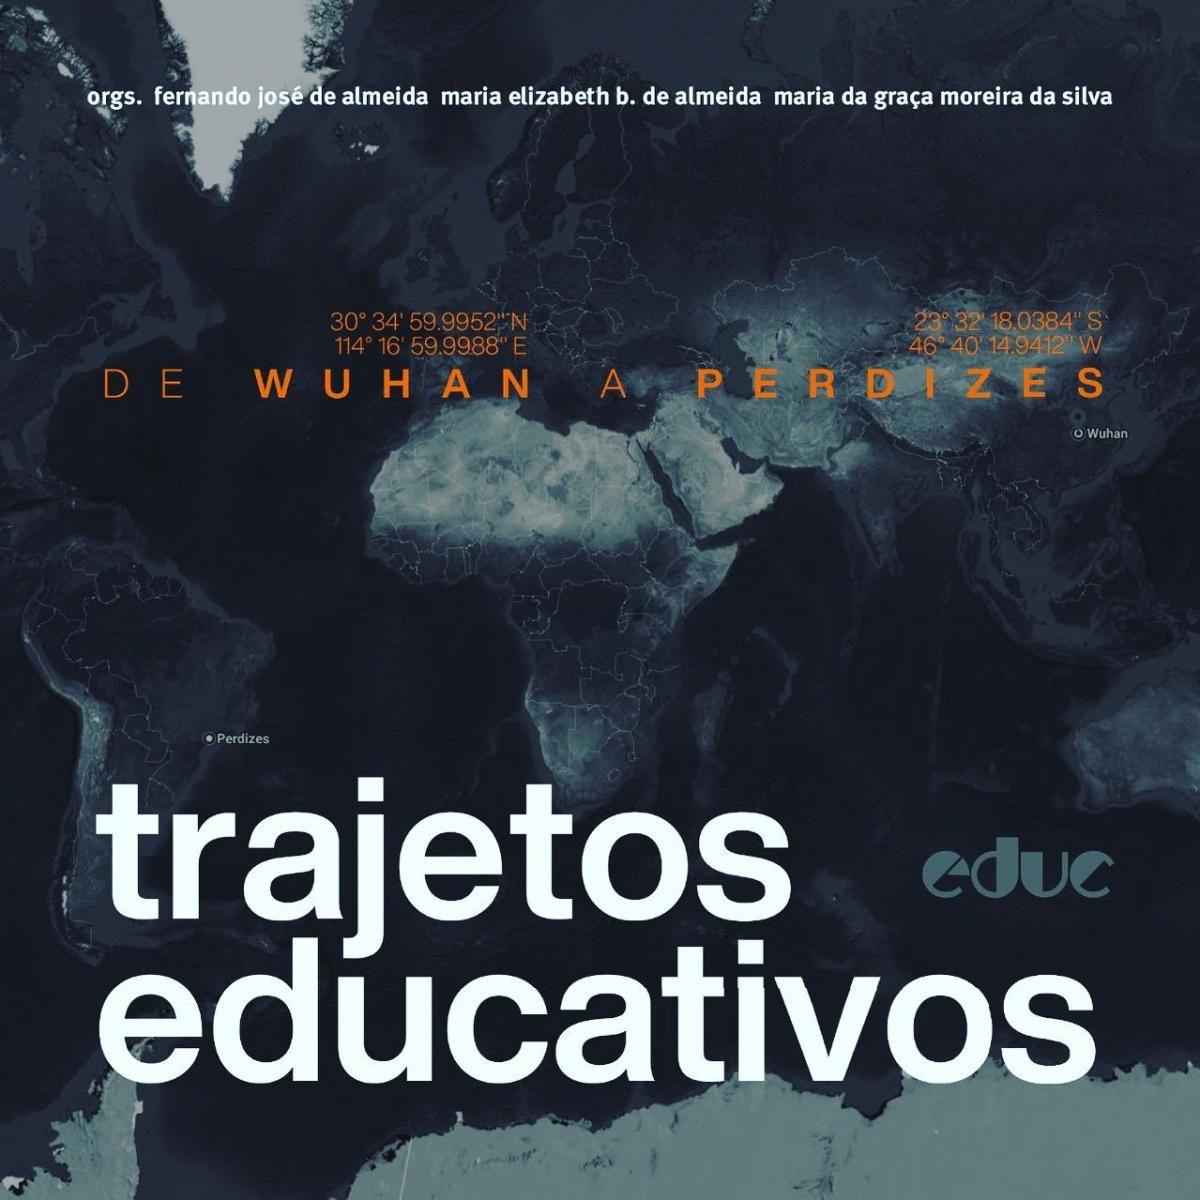 Educação é tema de ebook que trata das práticas educacionais na pandemia